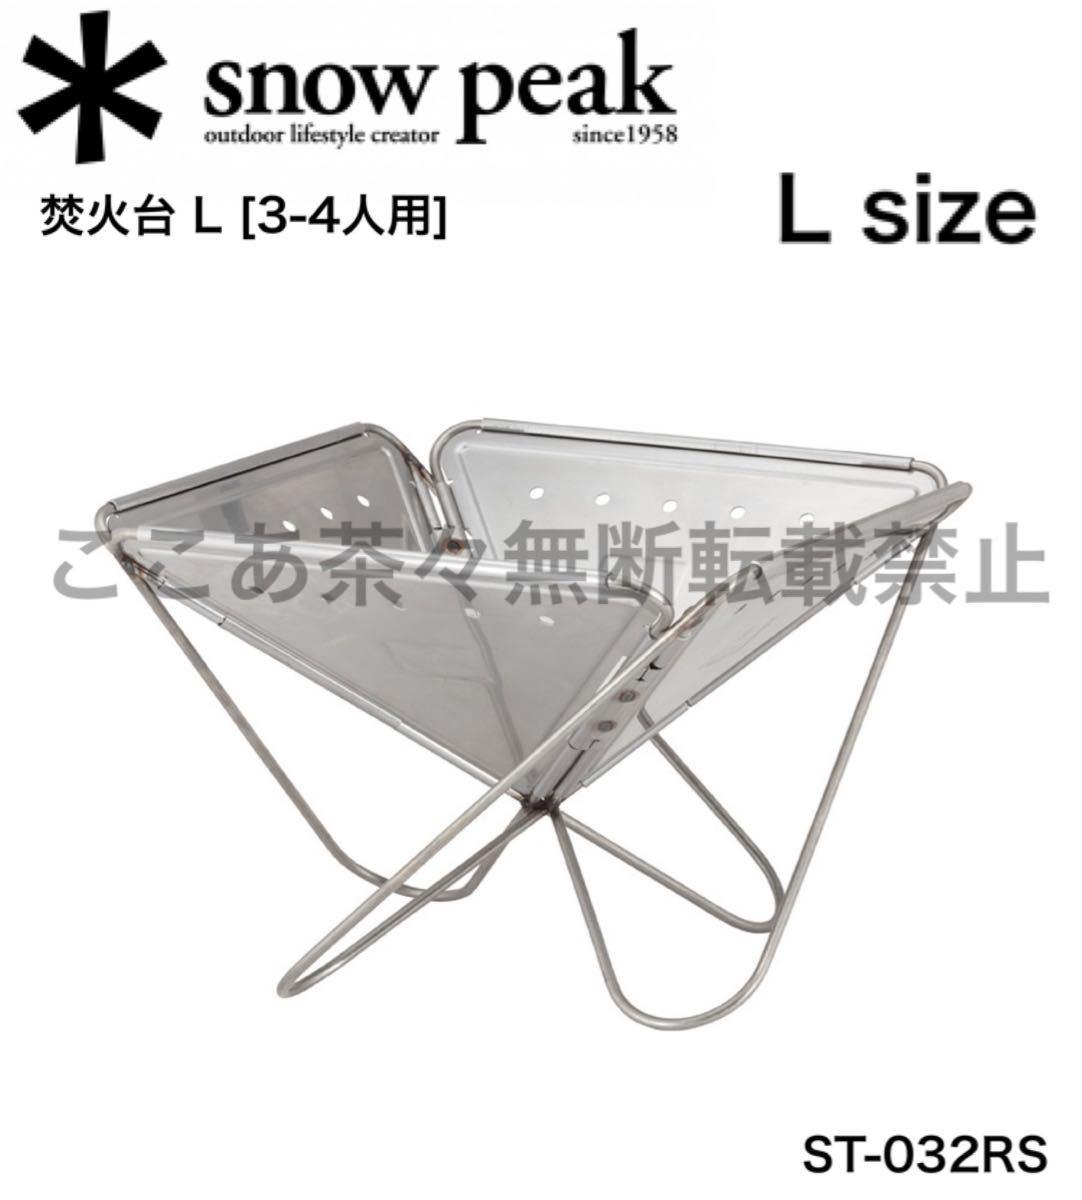 スノーピーク(snow peak)焚火台 L [3-4人用] ST-032RS